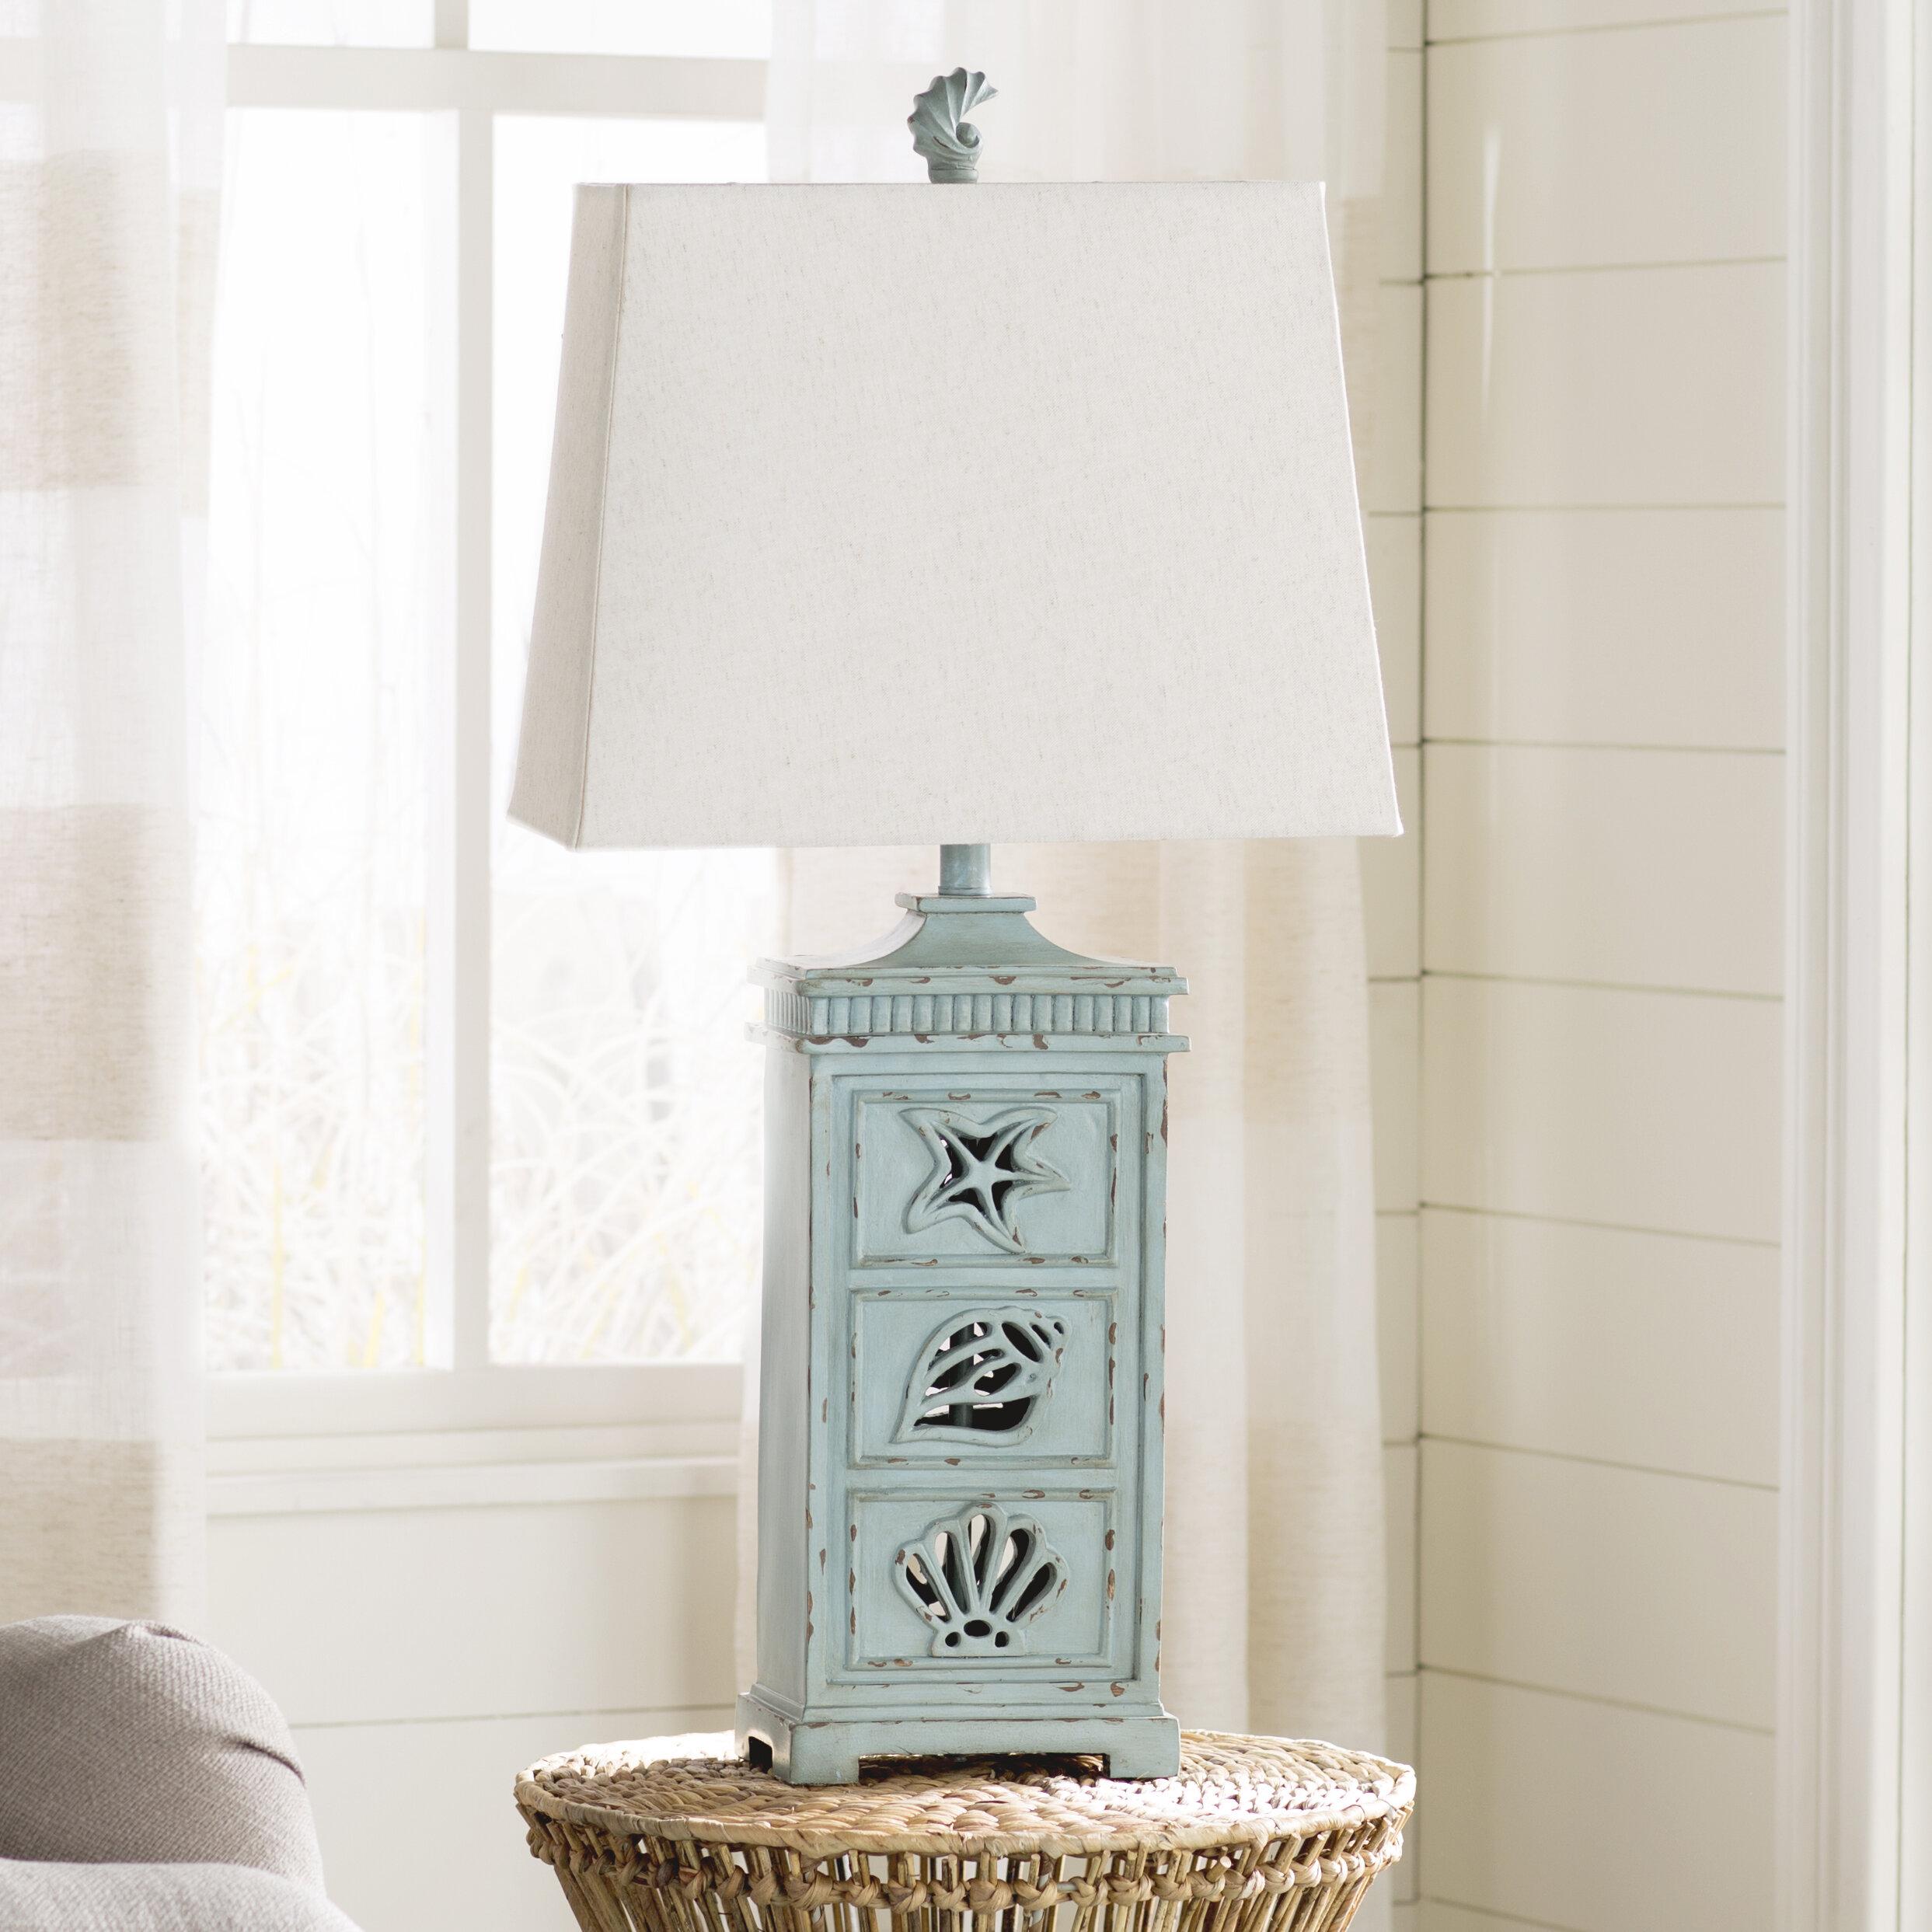 Jaycee coastal 33 table lamp